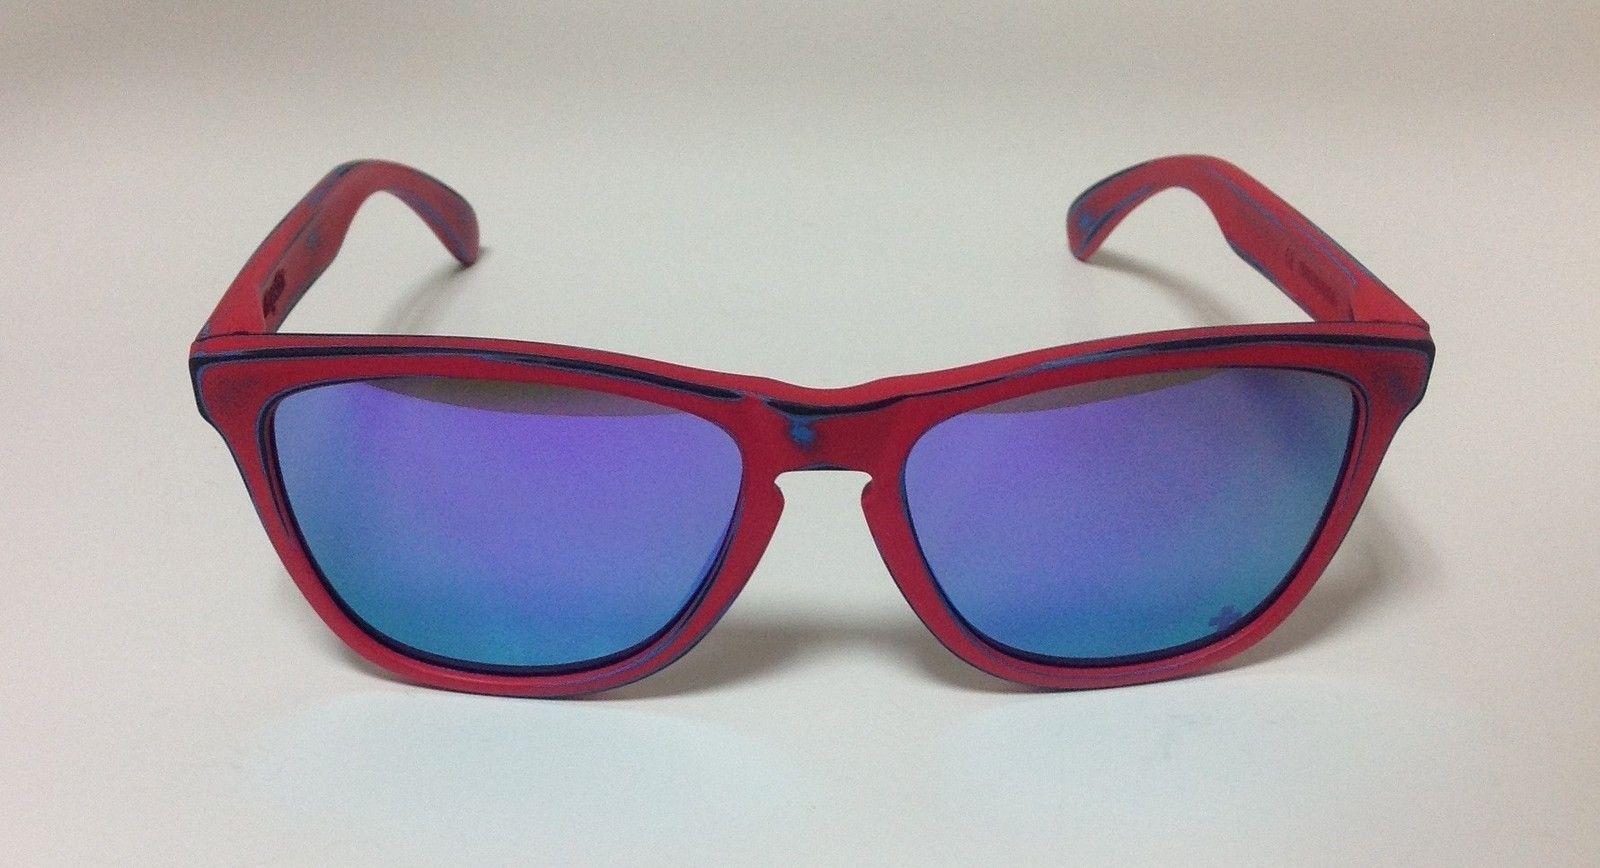 Oakley Matte Red Skate Deck Frogskins W/ IH Violet Iridium - UtA8yzW.jpg